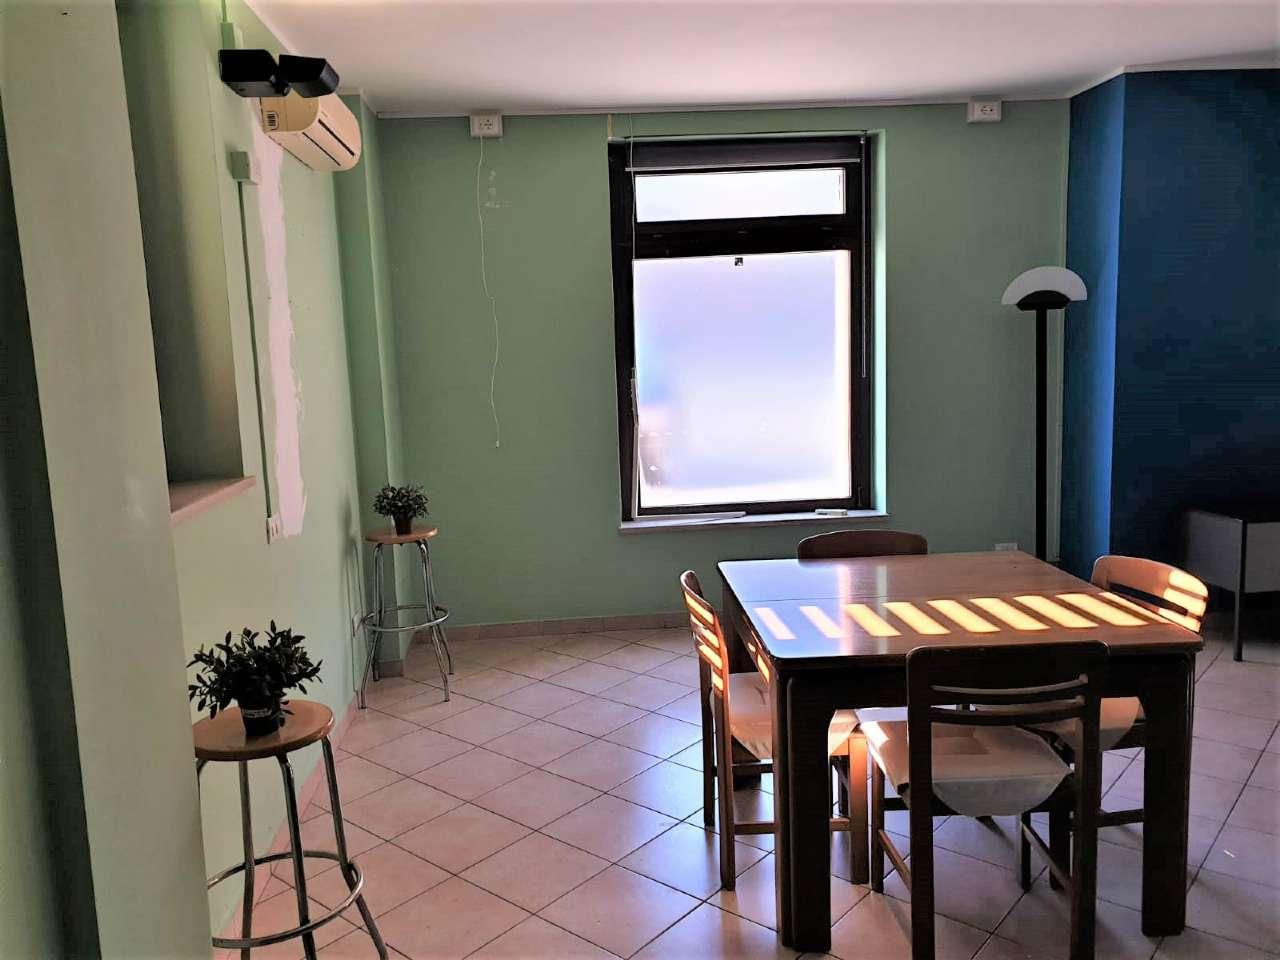 Negozio / Locale in vendita a Agugliano, 9999 locali, prezzo € 75.000   CambioCasa.it